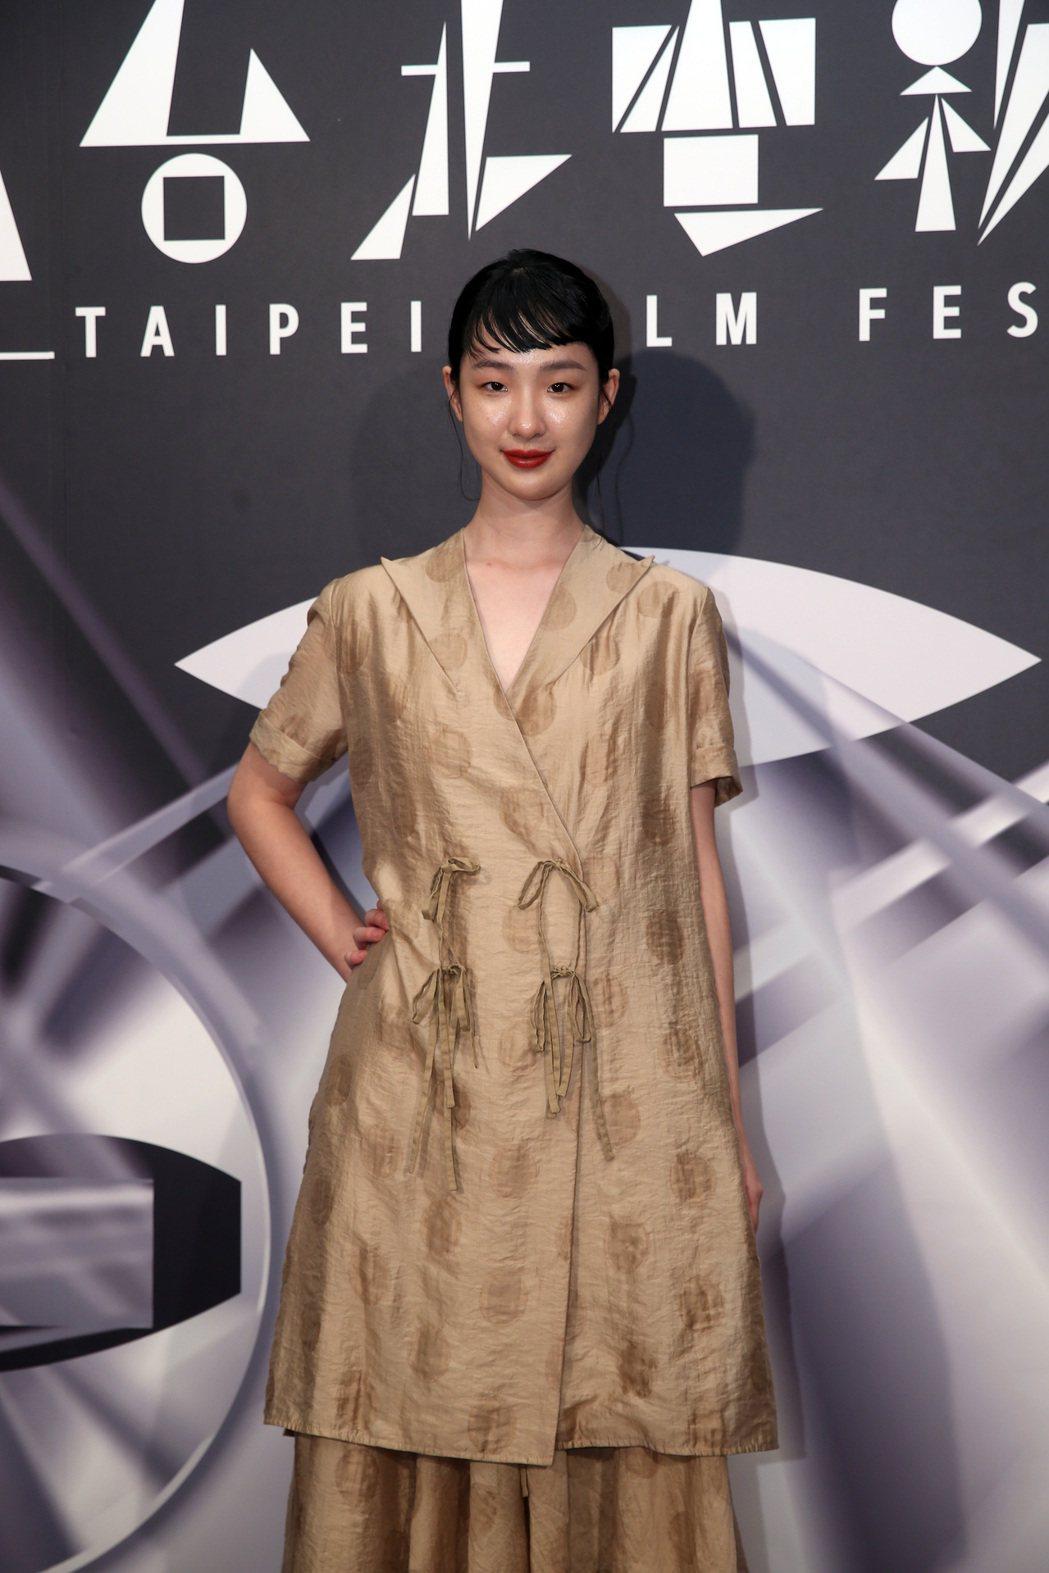 《哈囉少女》世界首映,演員劉主平出席。記者曾吉松/攝影